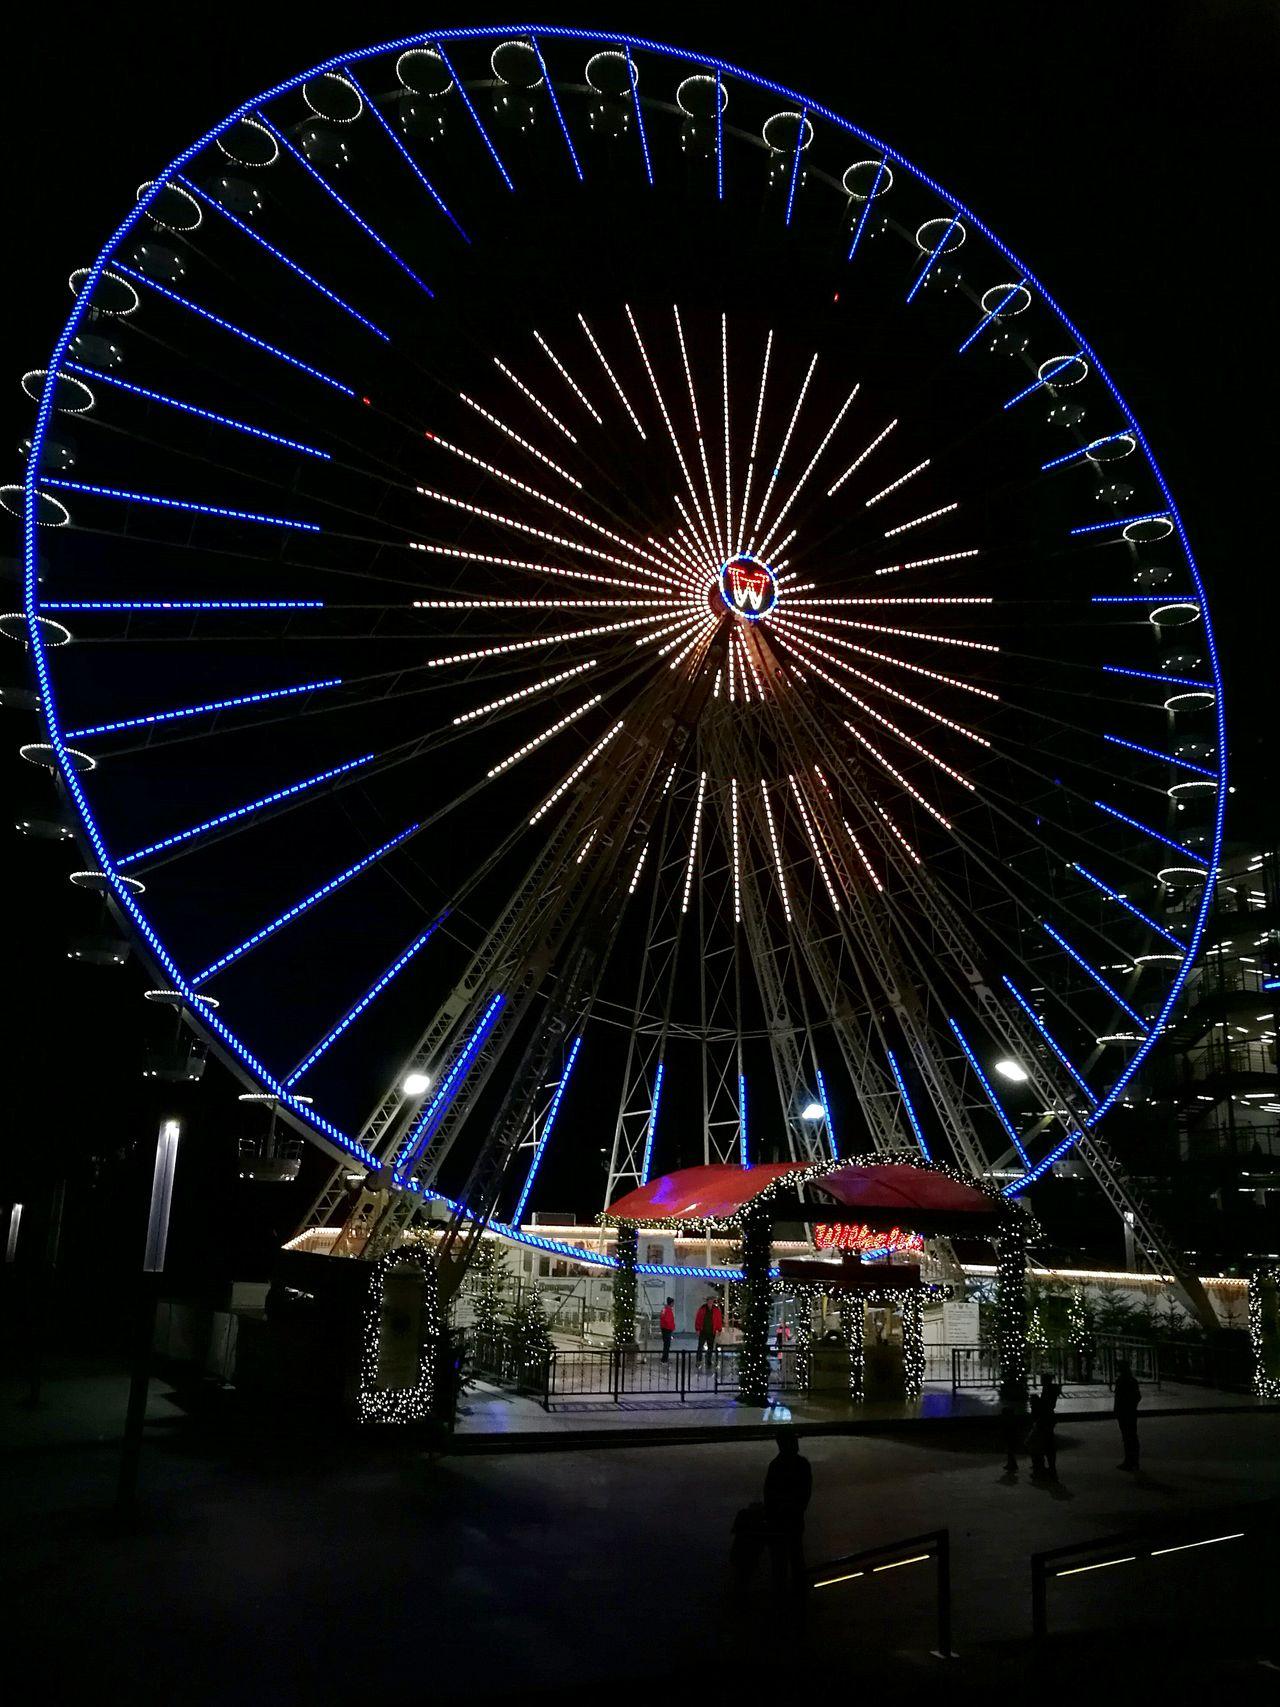 Weihnachtsmarkt Riesenrad Ferris Wheel Smiley Face